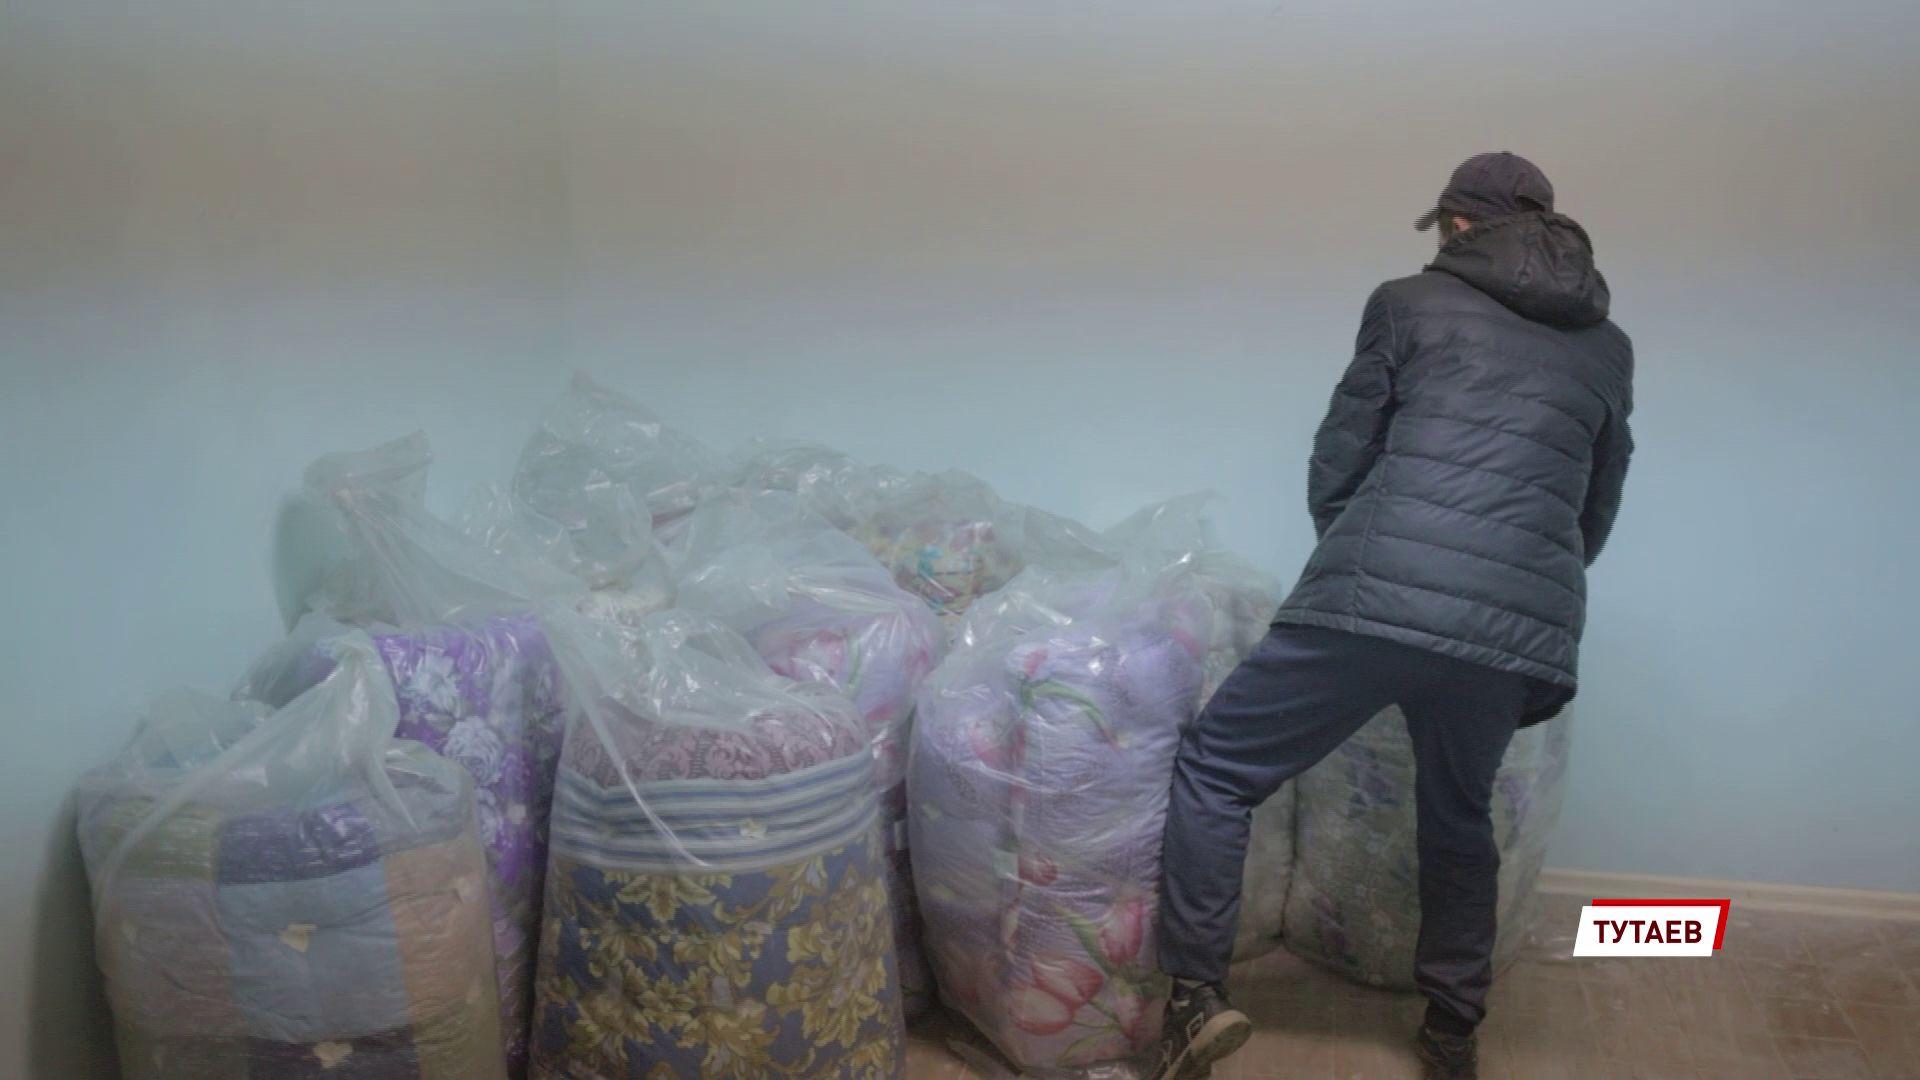 Тутаевское предприятие передало в местную ЦРБ новые матрасы, подушки и одеяла